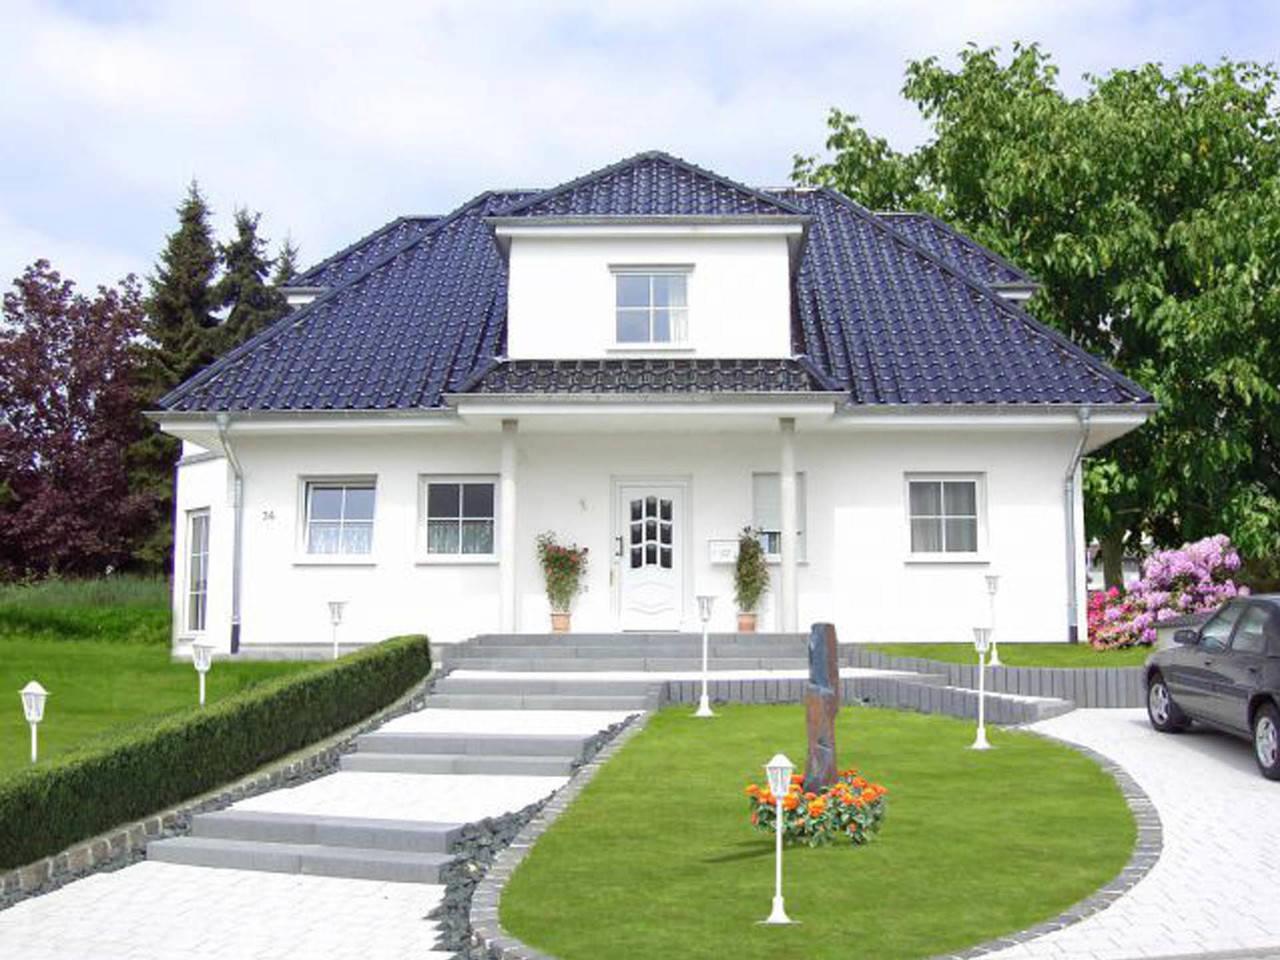 Einfamilienhaus in Dillenburg ISO-Massivhaus